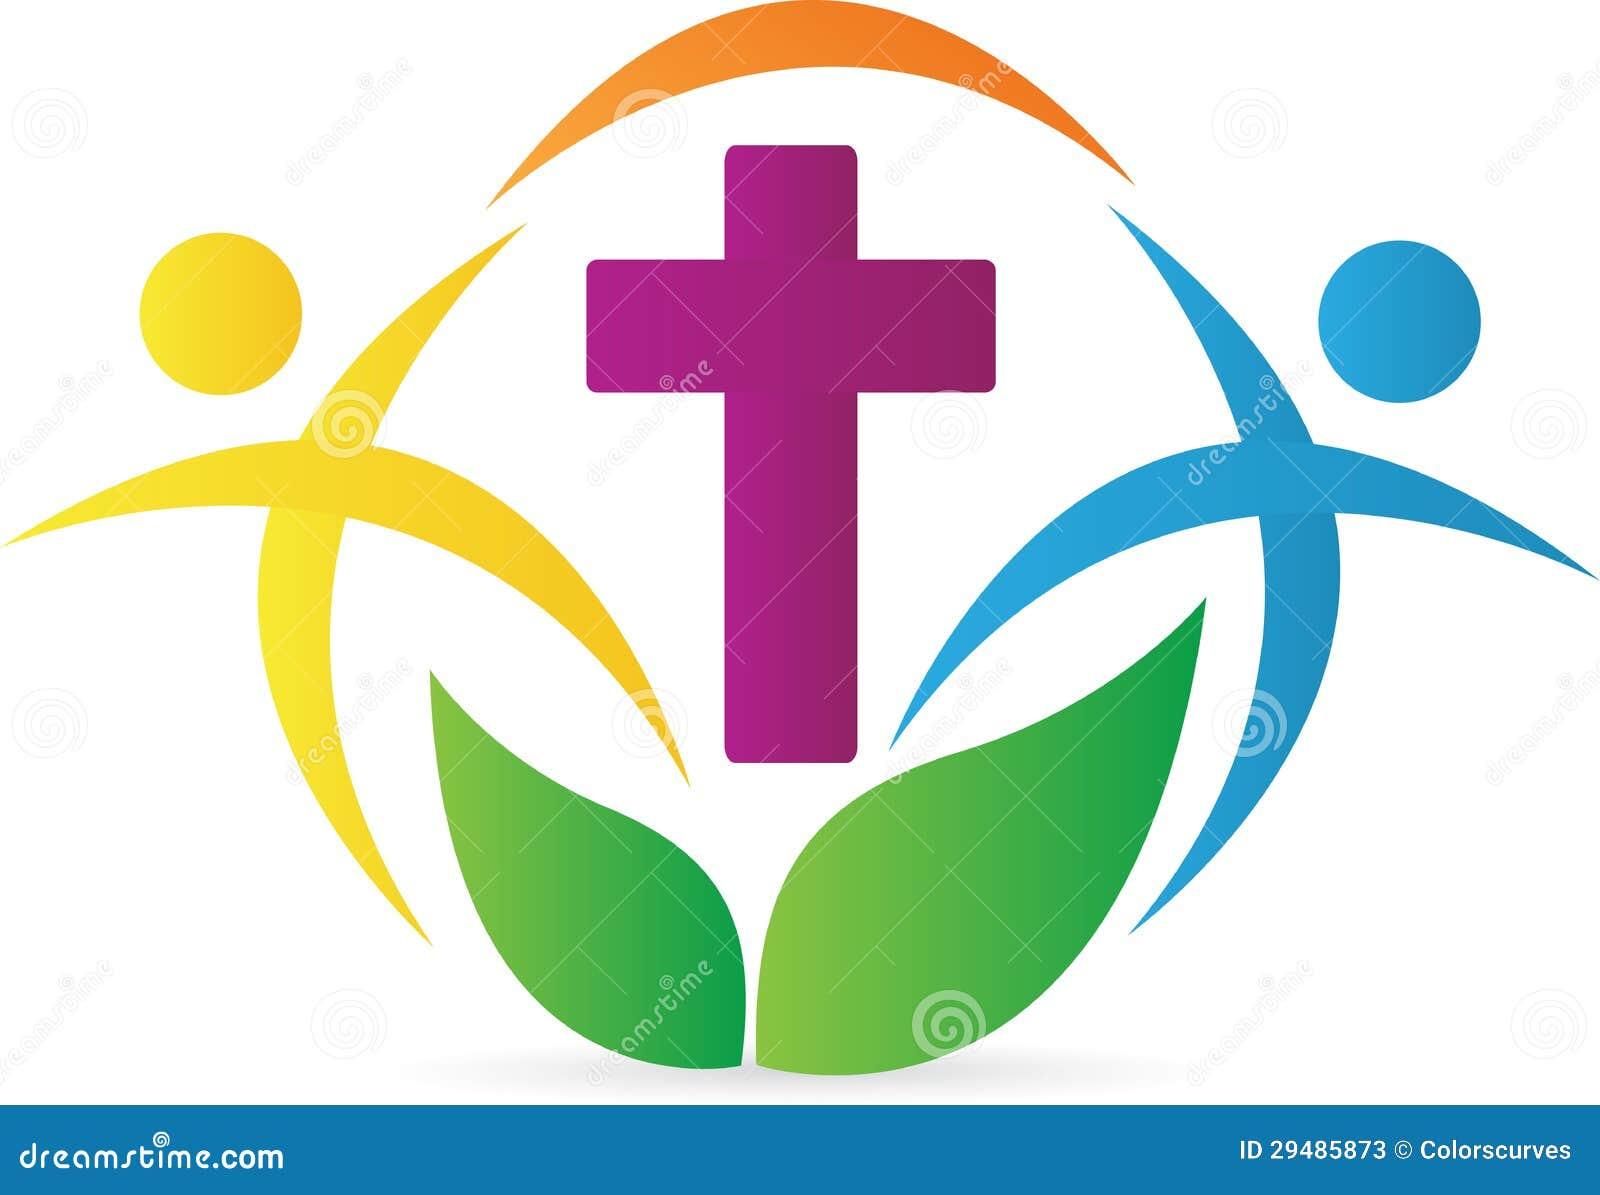 Logotipo Da Igreja Fotos de Stock - Imagem: 29485873